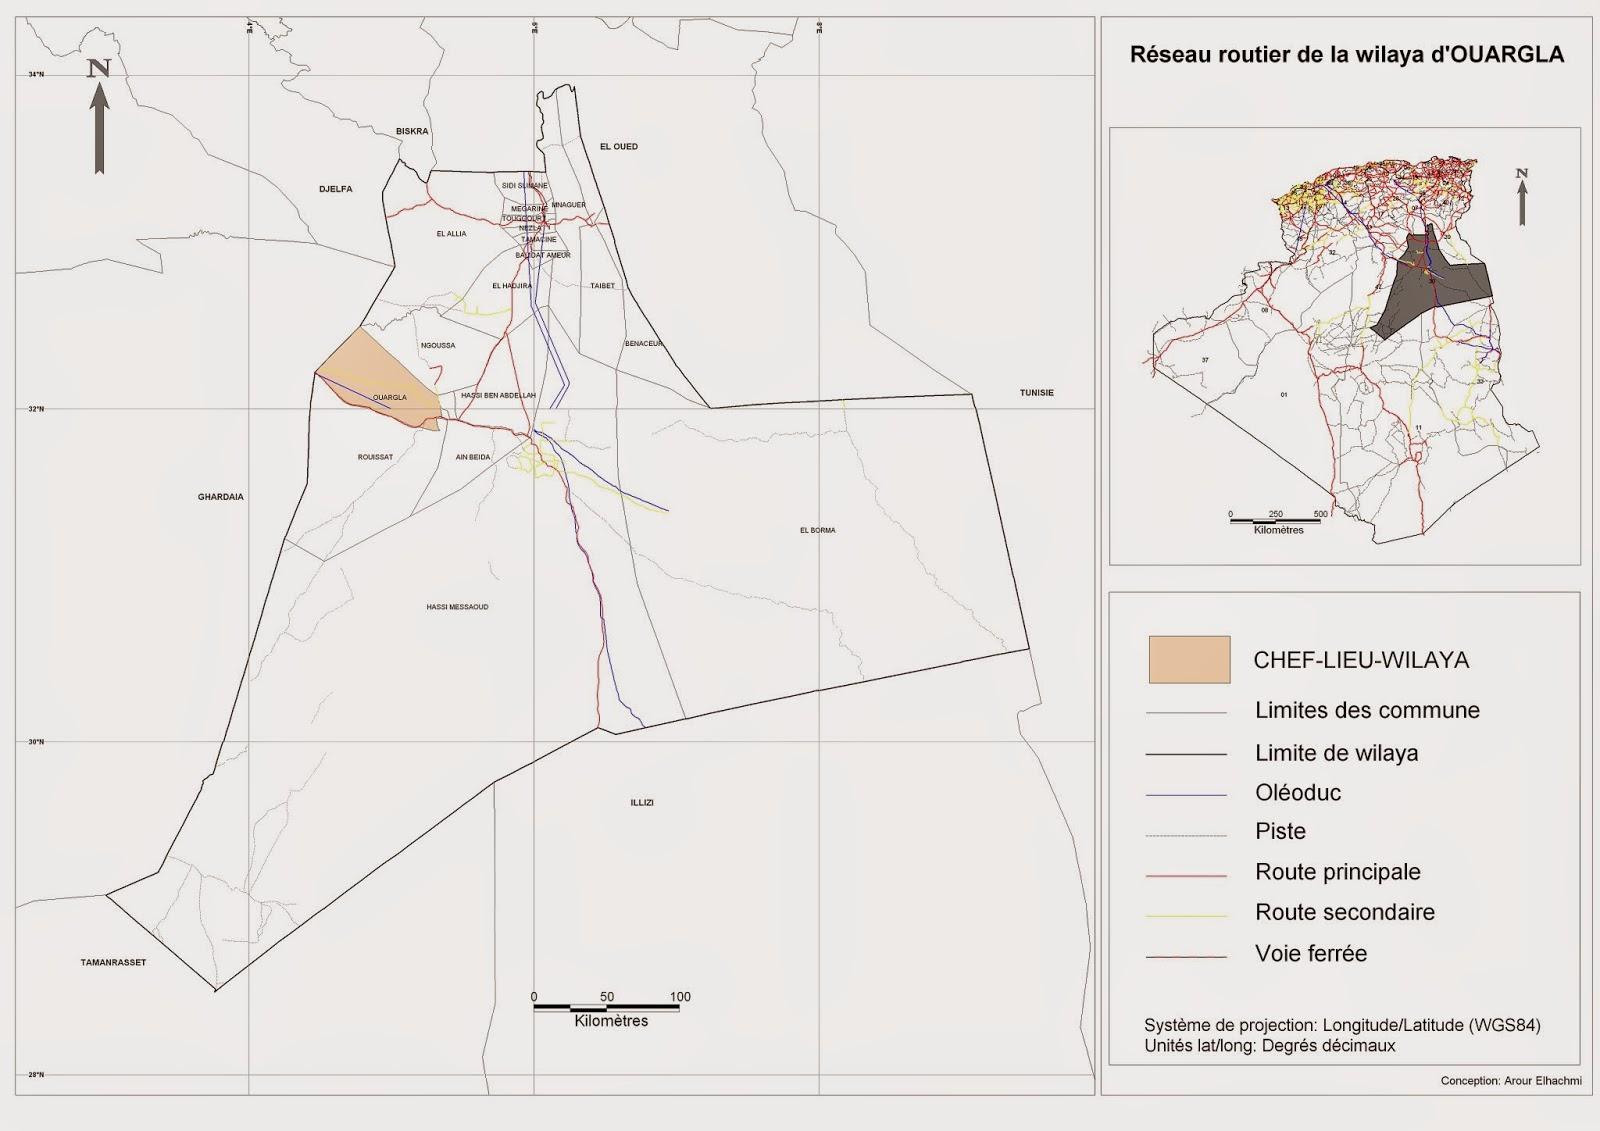 Découpage Administratif De LAlgérie Monographie Carte Du - Ouargla map